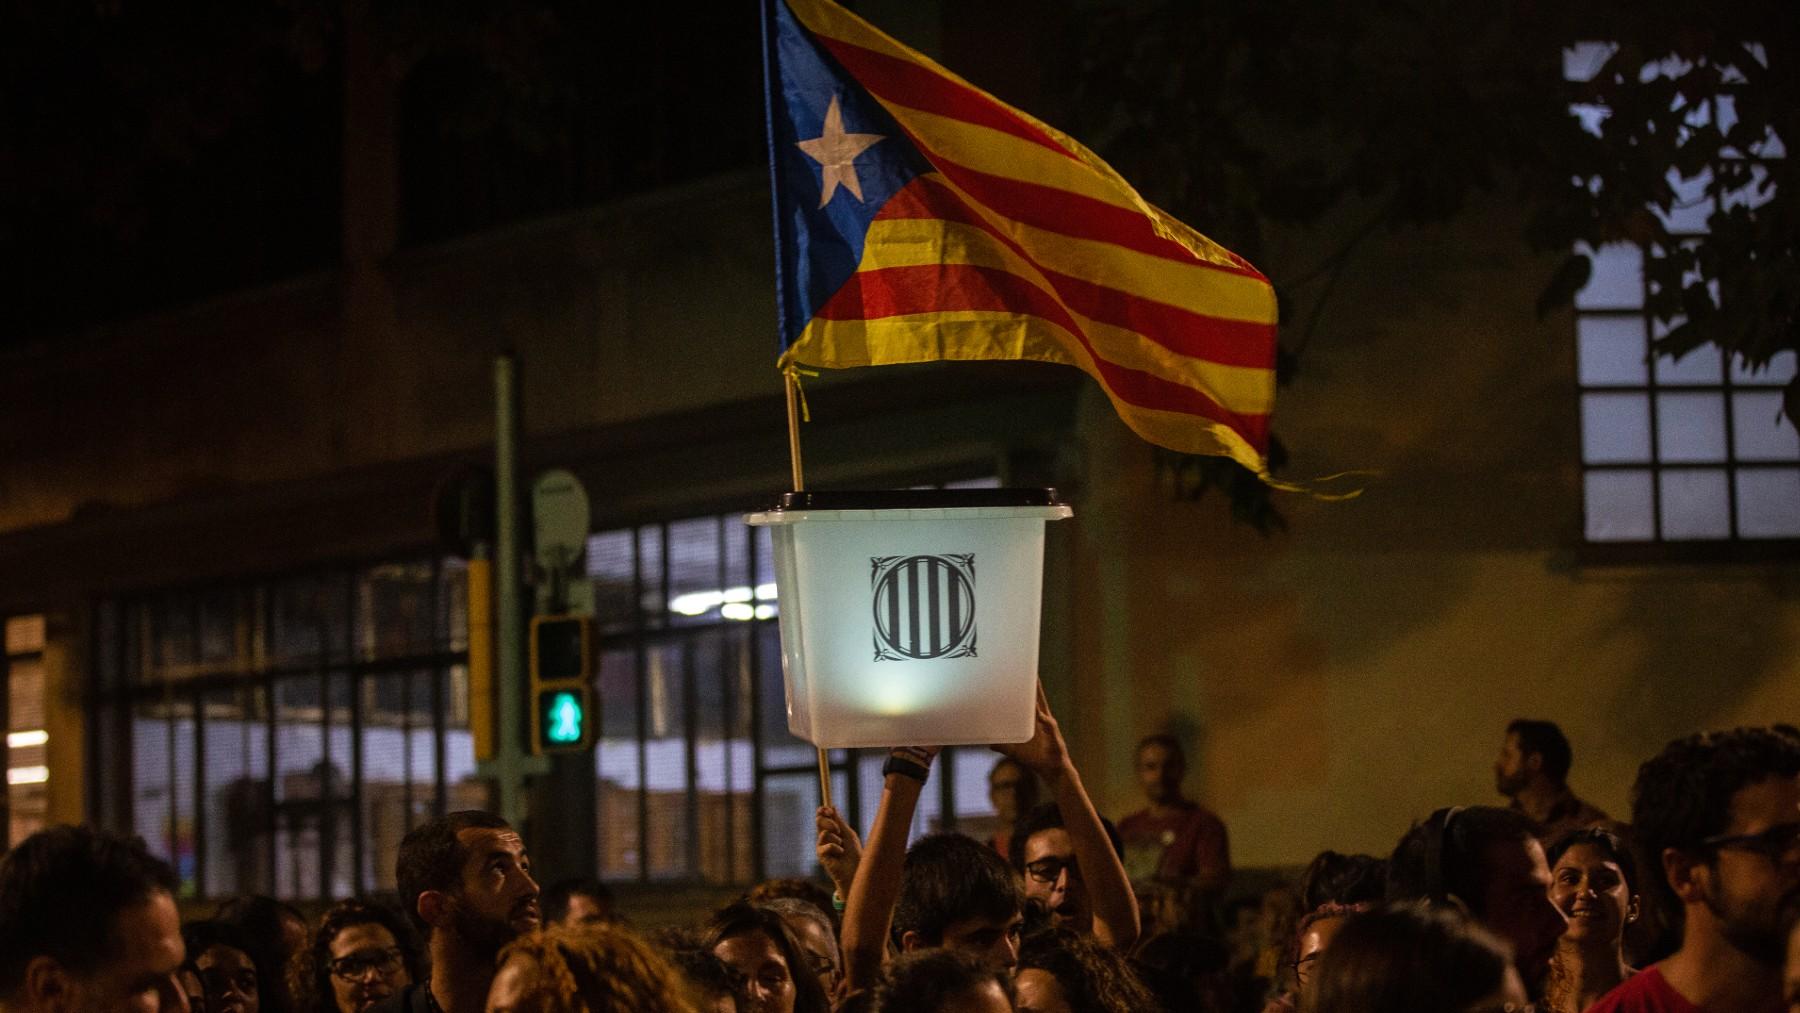 Una de las urnas que se usaron en el 1-O. (Foto: Europa Press)